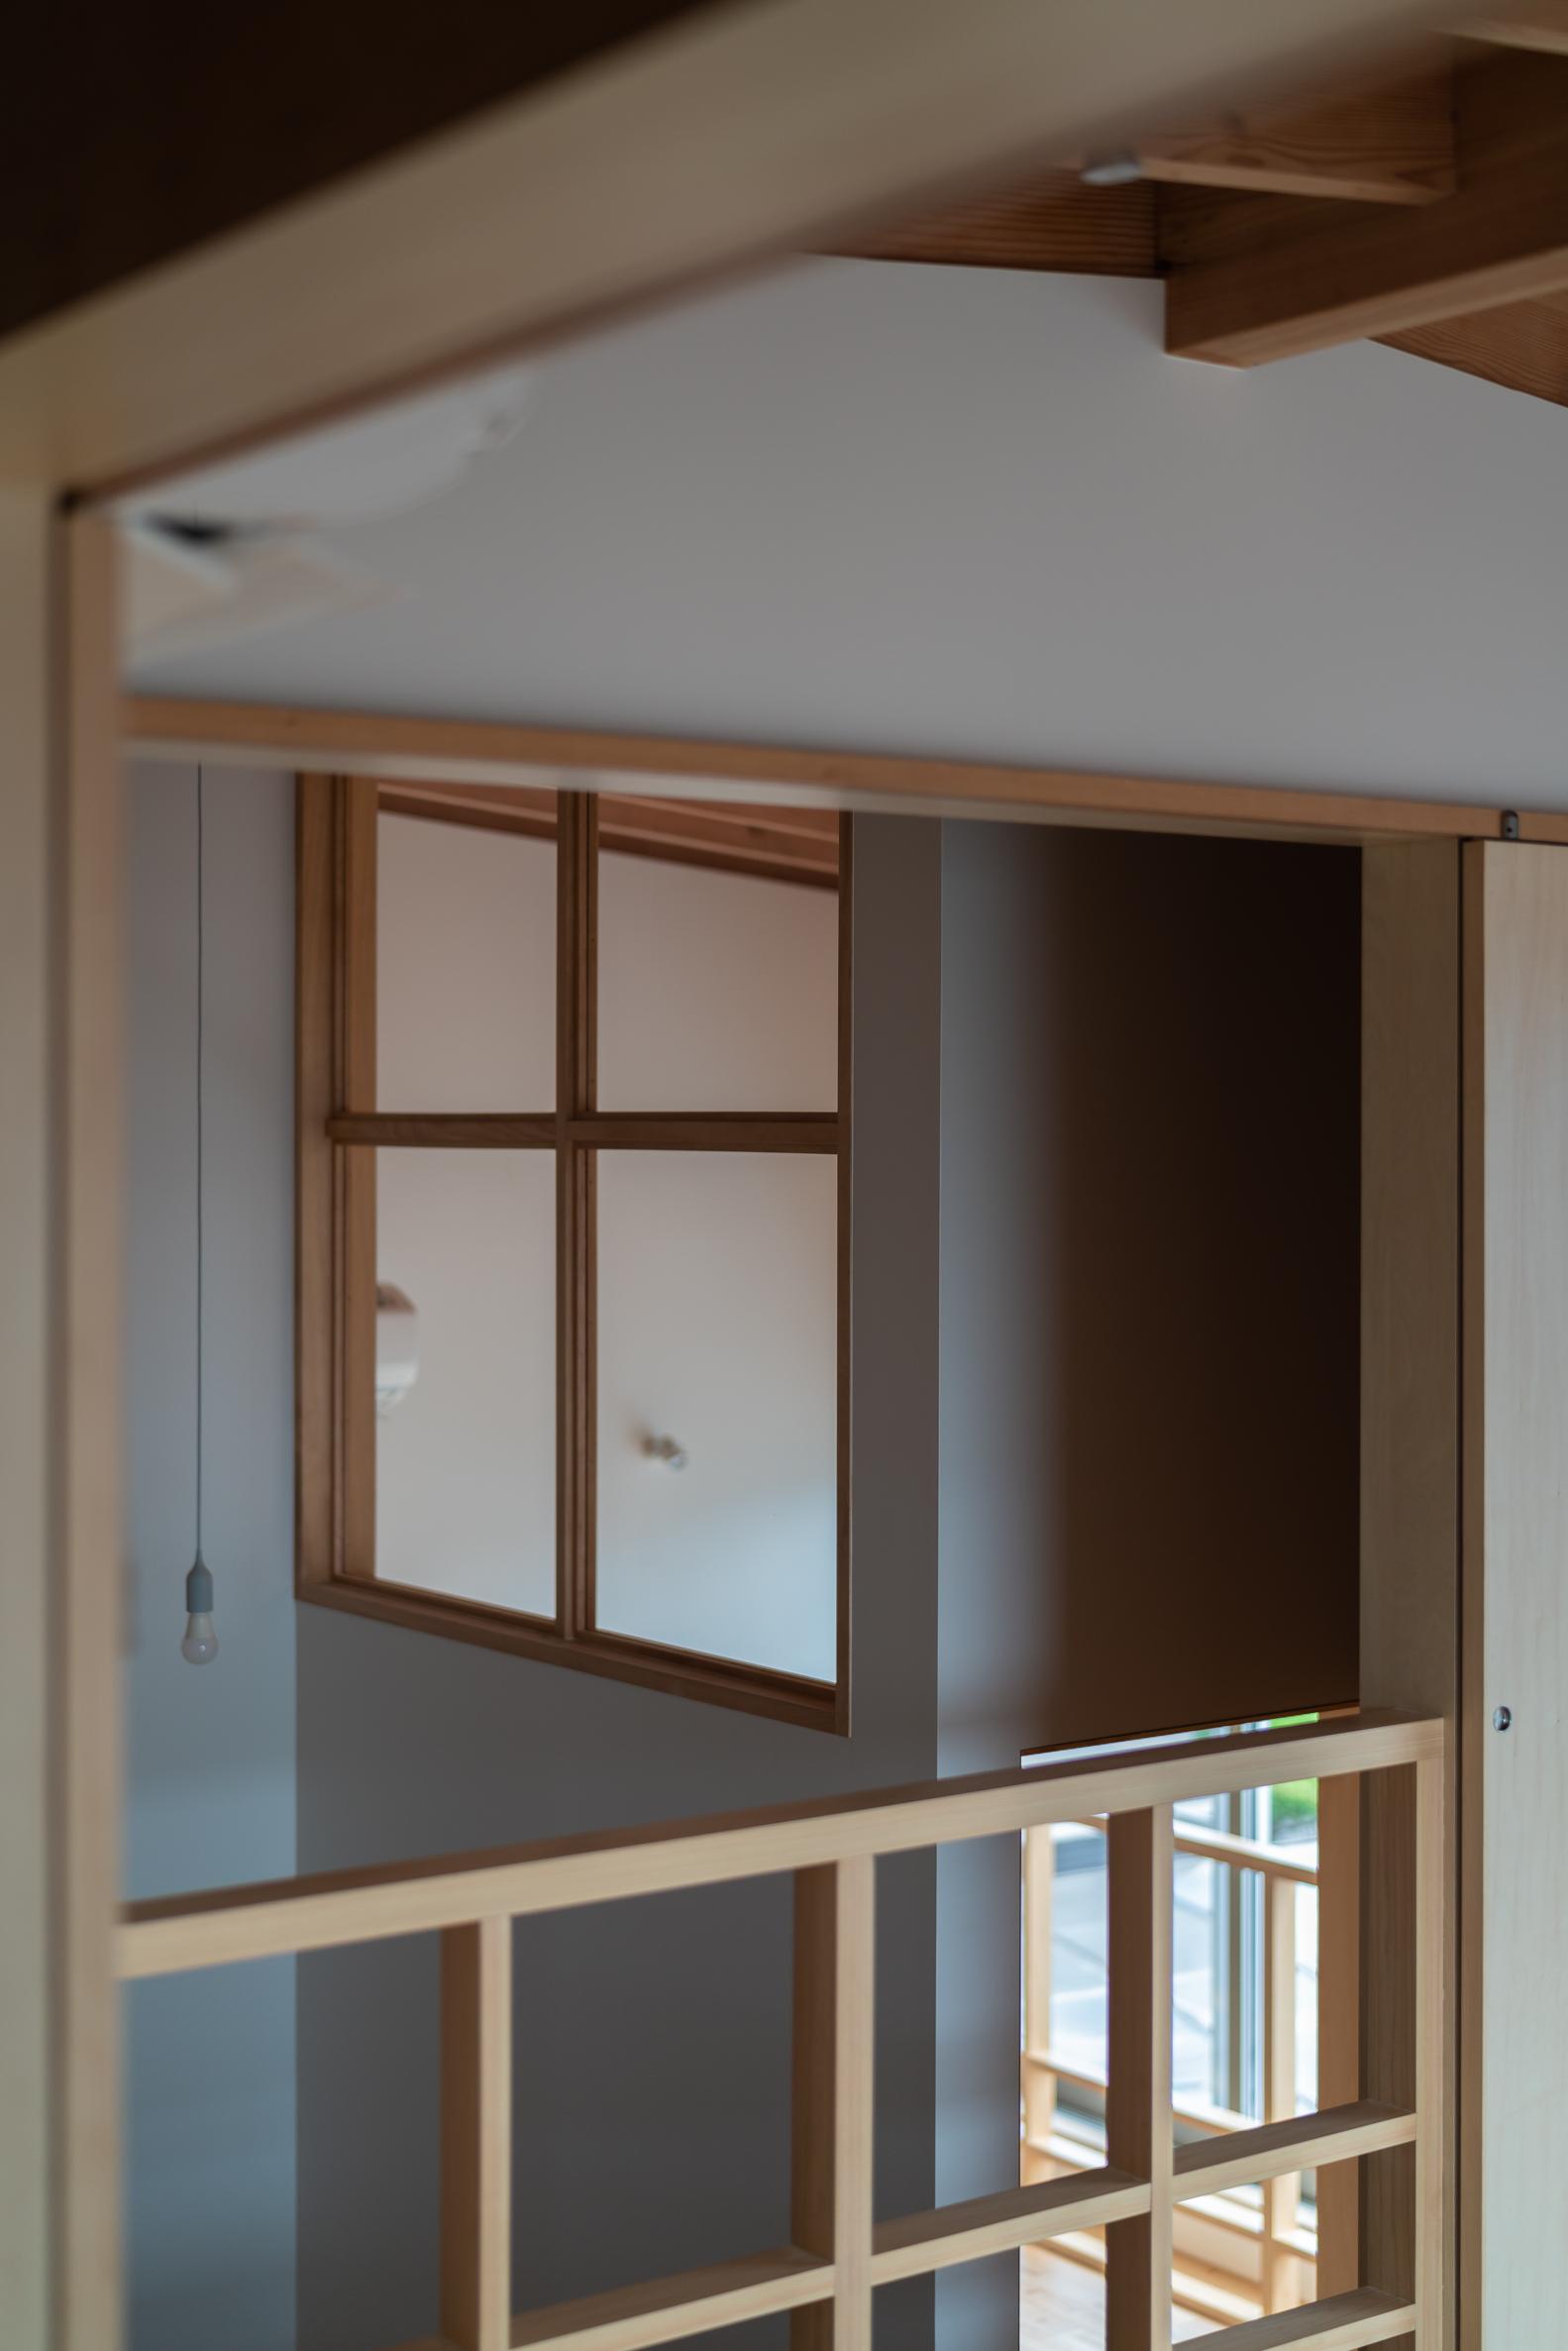 2020.09.03 松井様邸完成写真-125.jpg